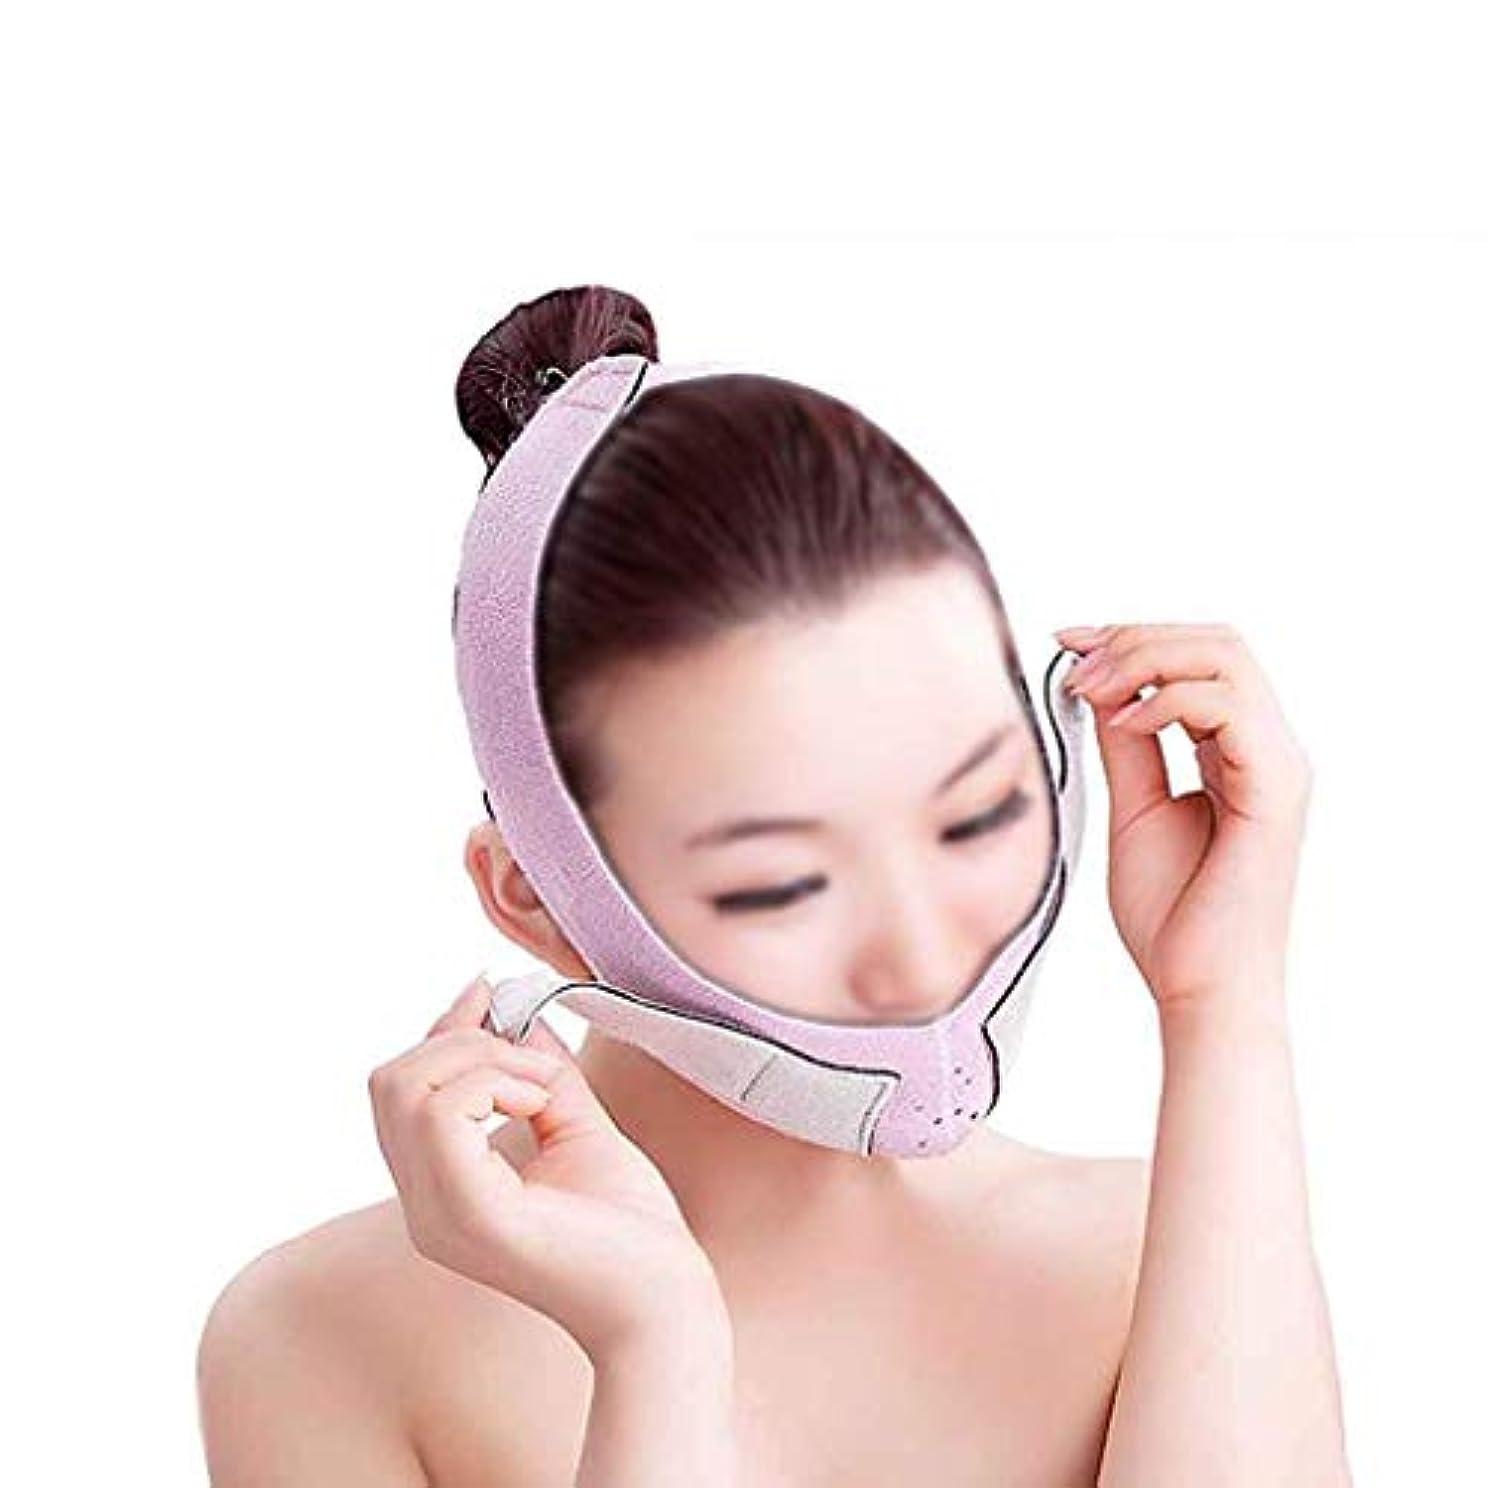 エーカー海外で香水スリミングベルト、フェイシャルマスク3DフェイスリフトファーミングフェイスコレクションベルトパワフルフェイスアーティファクトスモールフェイスバンデージリフティングVフェイスマスク(カラー:A),B